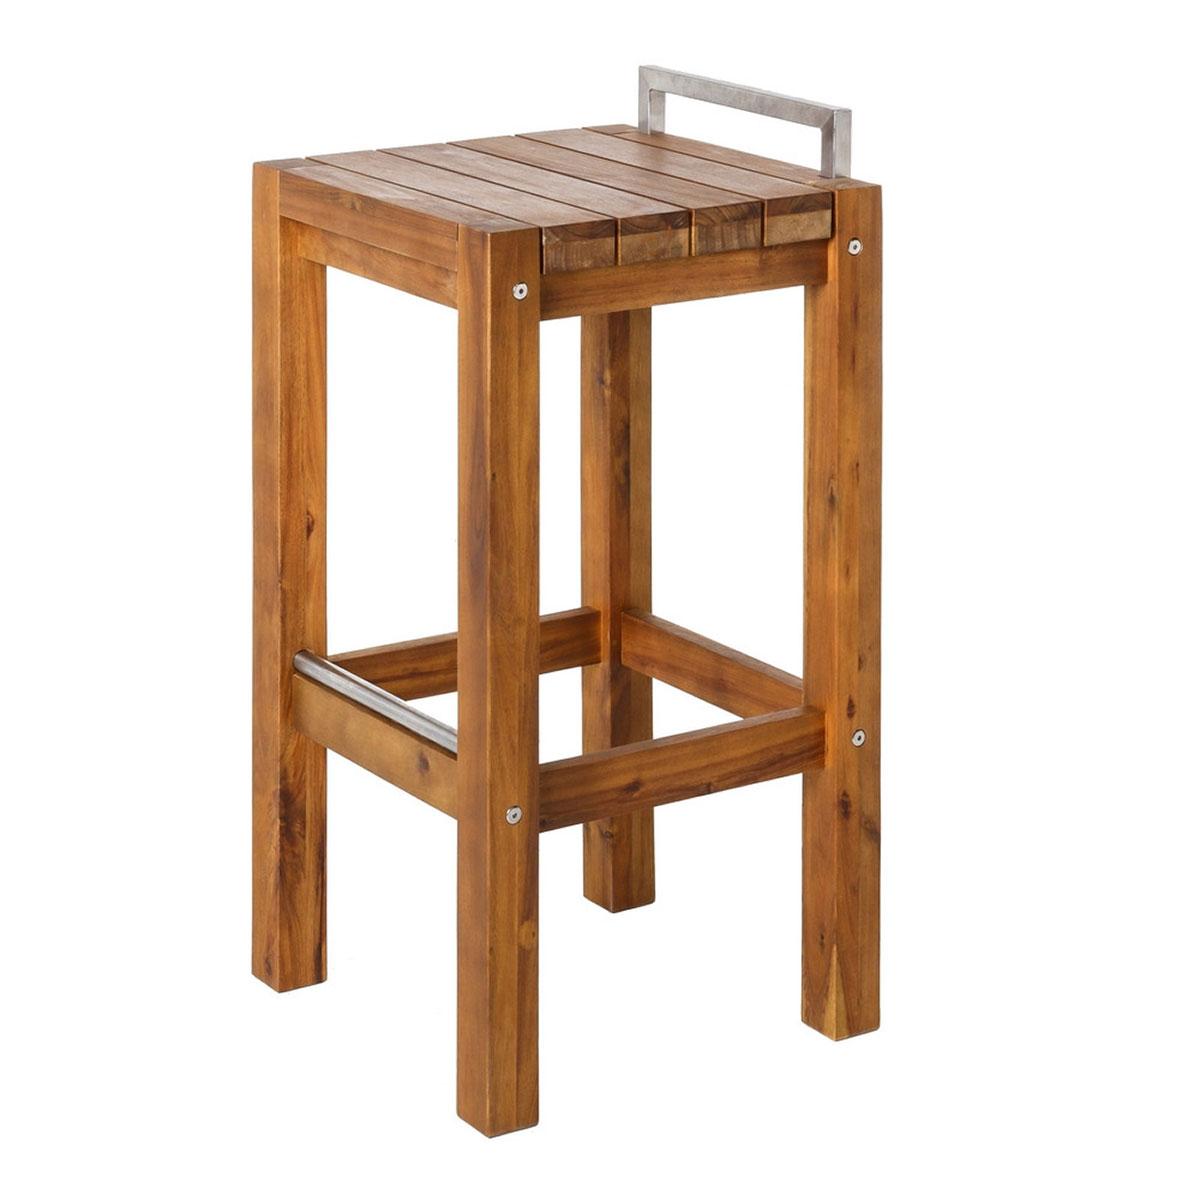 Tabouret haut en bois et acier - Naturel - 40 x 40 x 80 cm